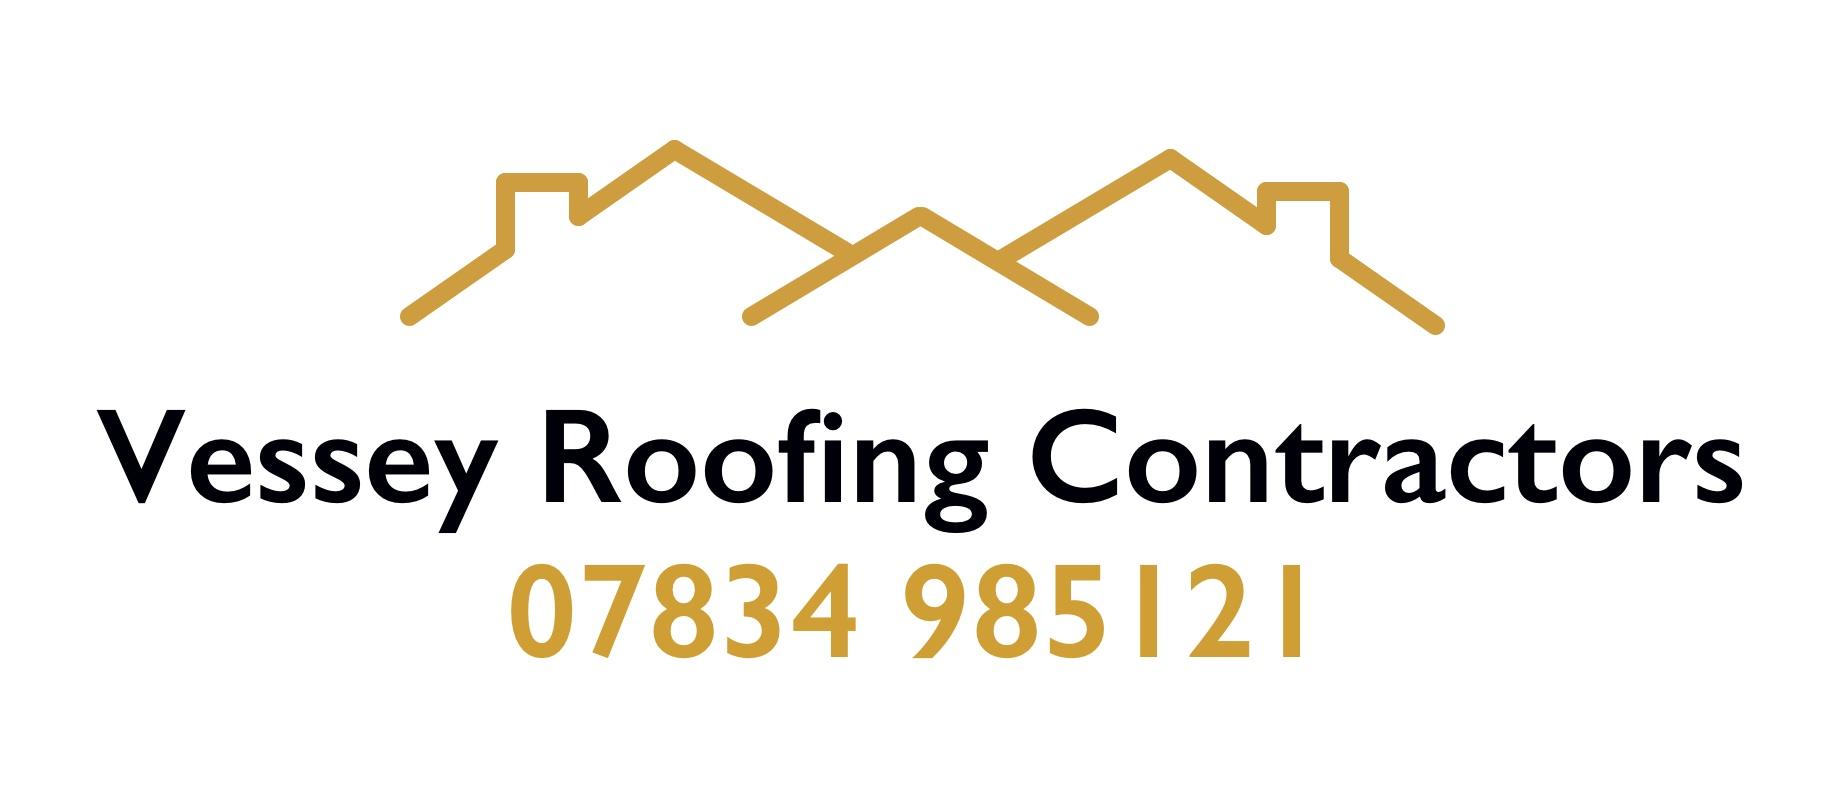 Vessey Roofing Contractors